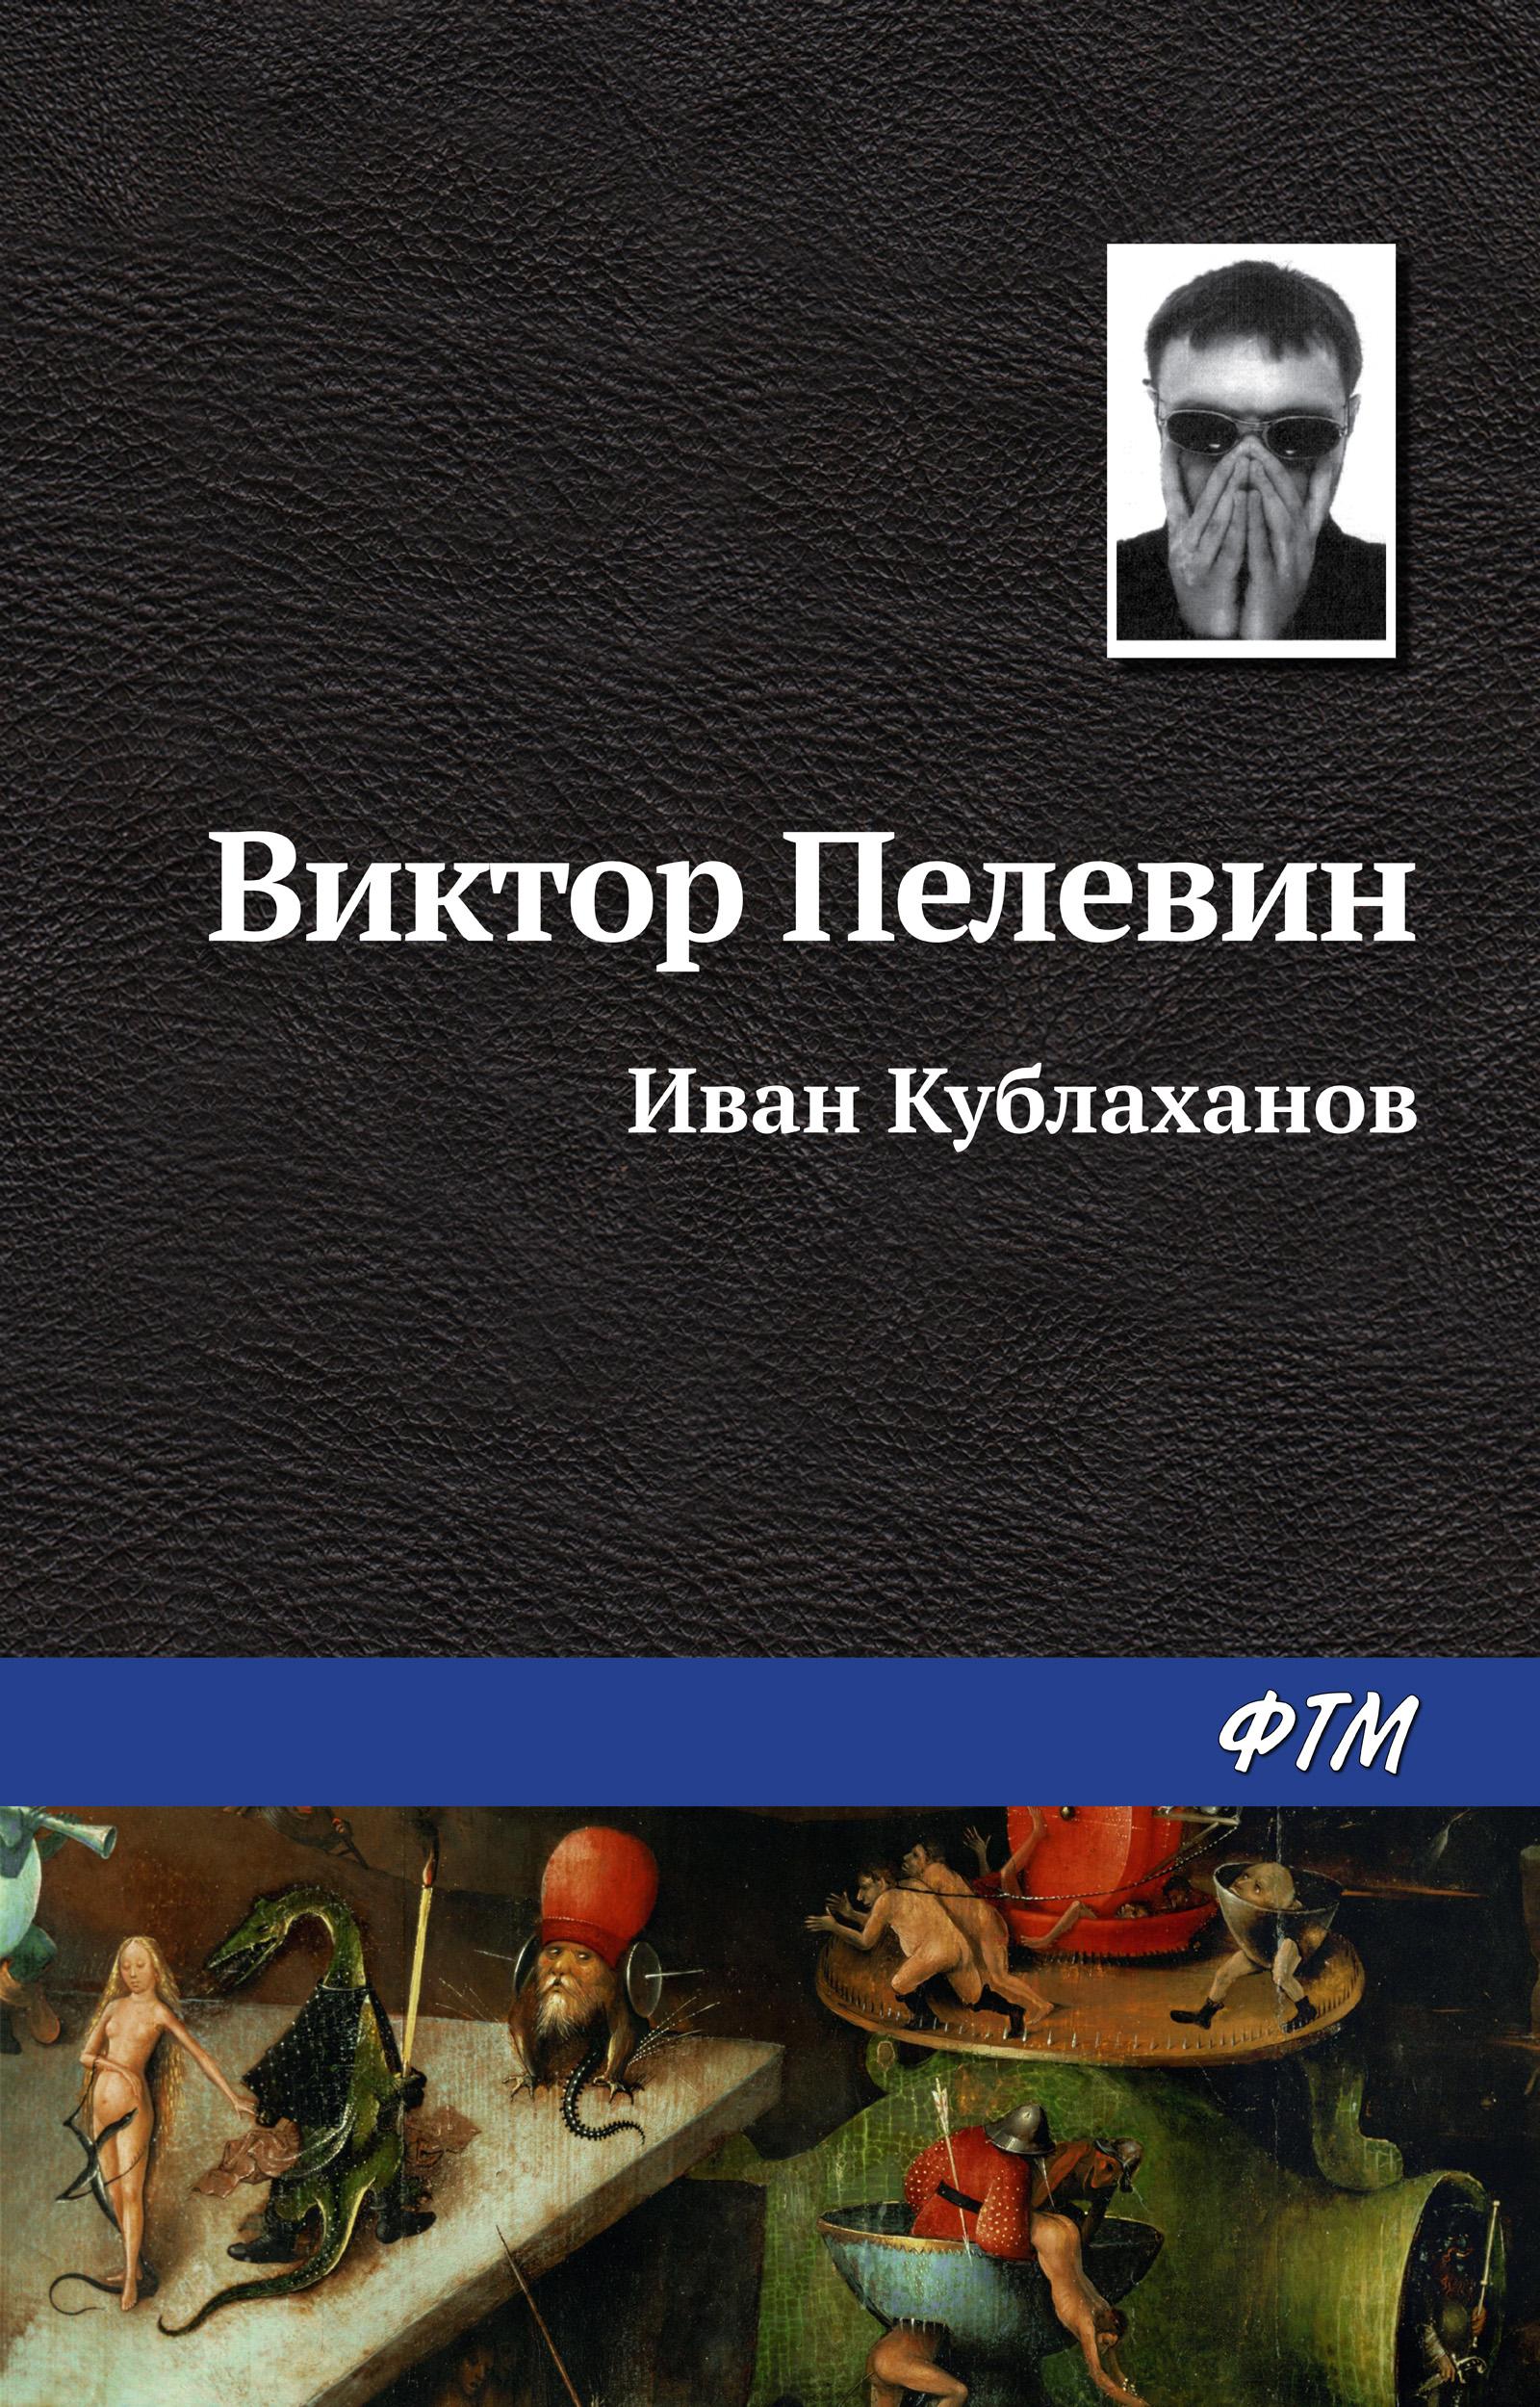 Виктор Пелевин Иван Кублаханов 7 11 cm